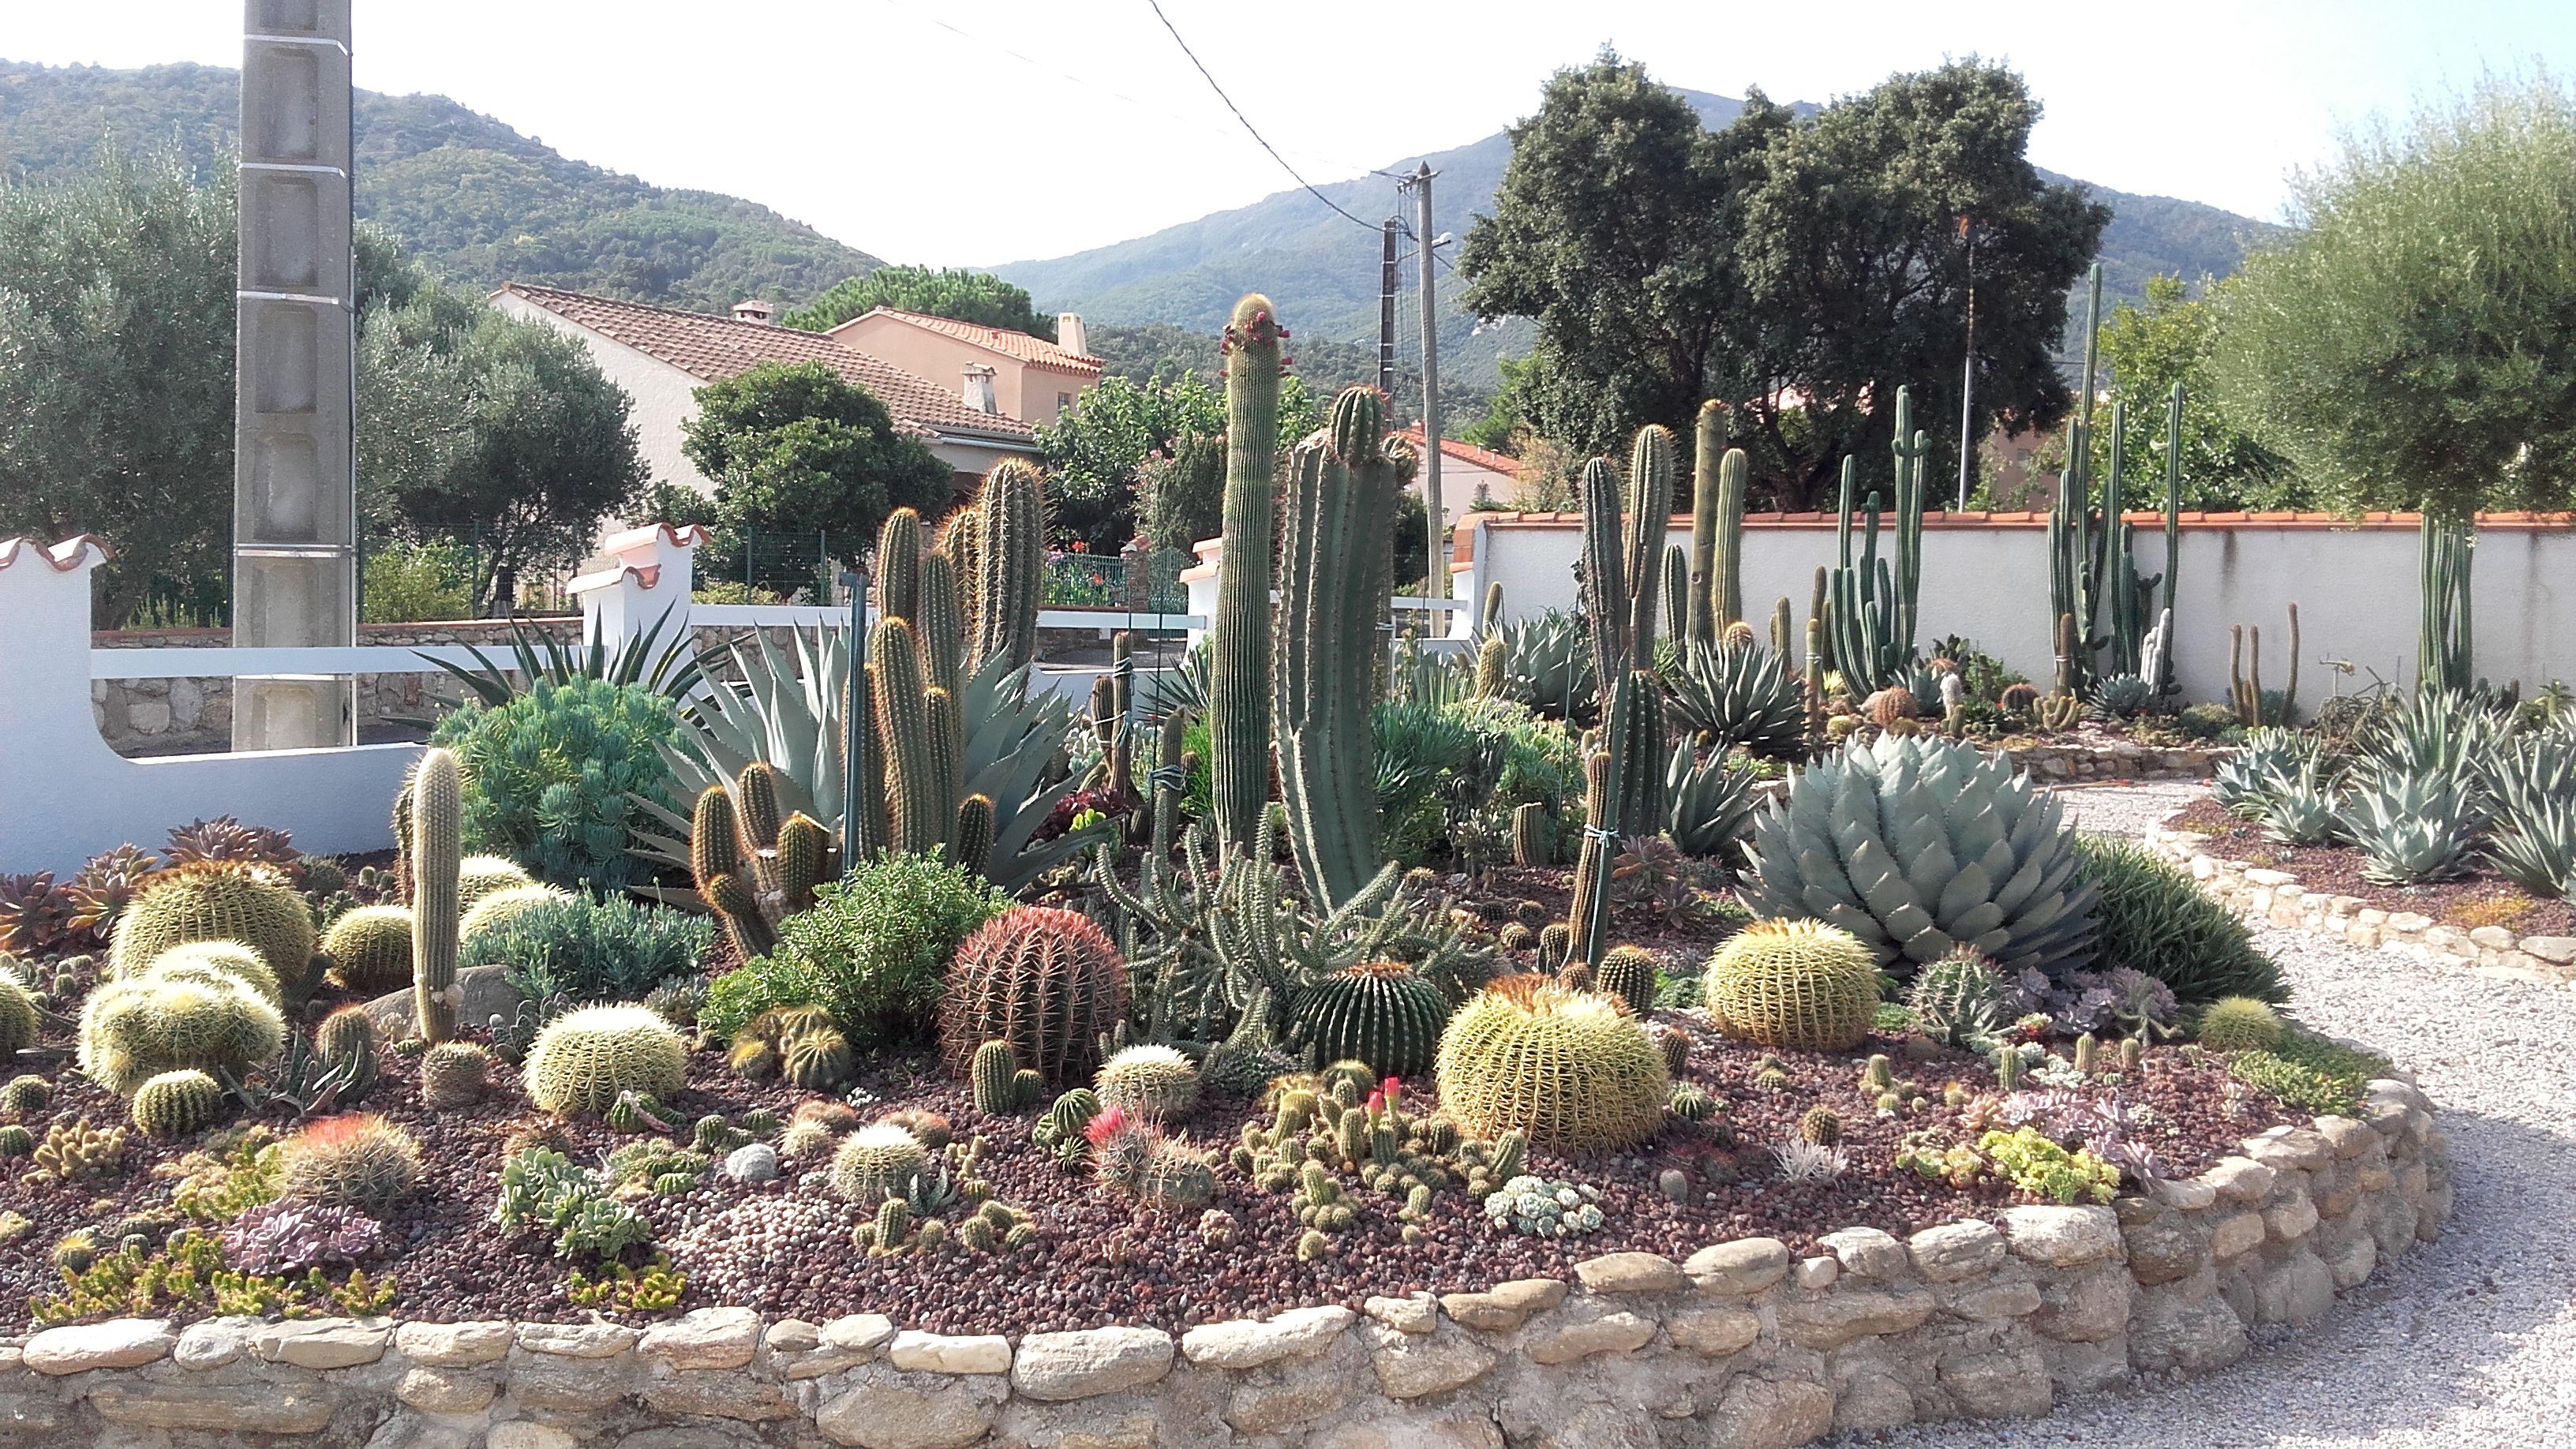 Cactus Et Plantes Grasses Pres D Argeles Sur Mer Dans Les Pyrenees